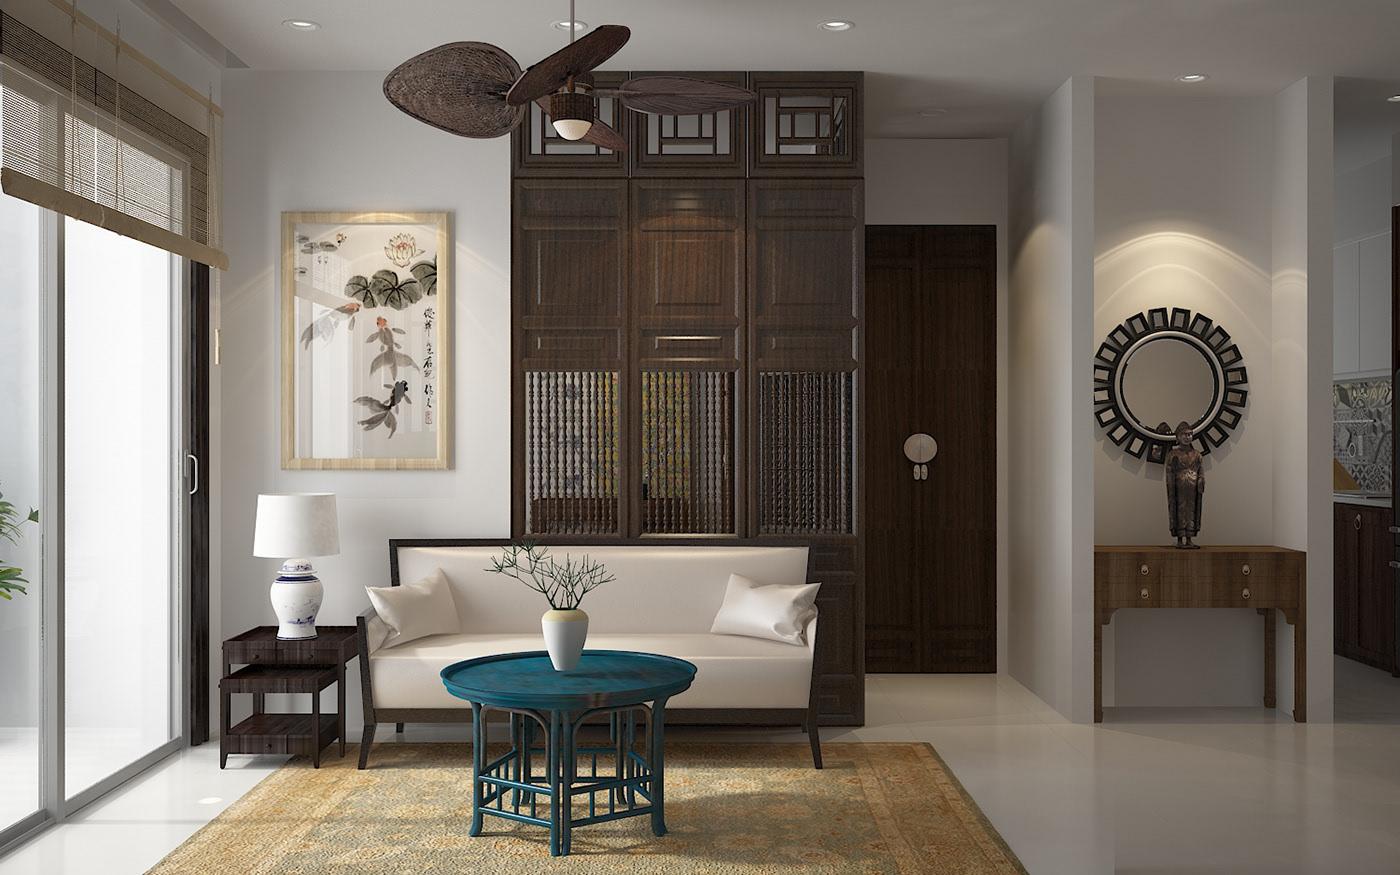 Thiết kế nội thất chung cư 90m2 tại Hải Phòng phong cách Indochine gần gũi, ấn tượng